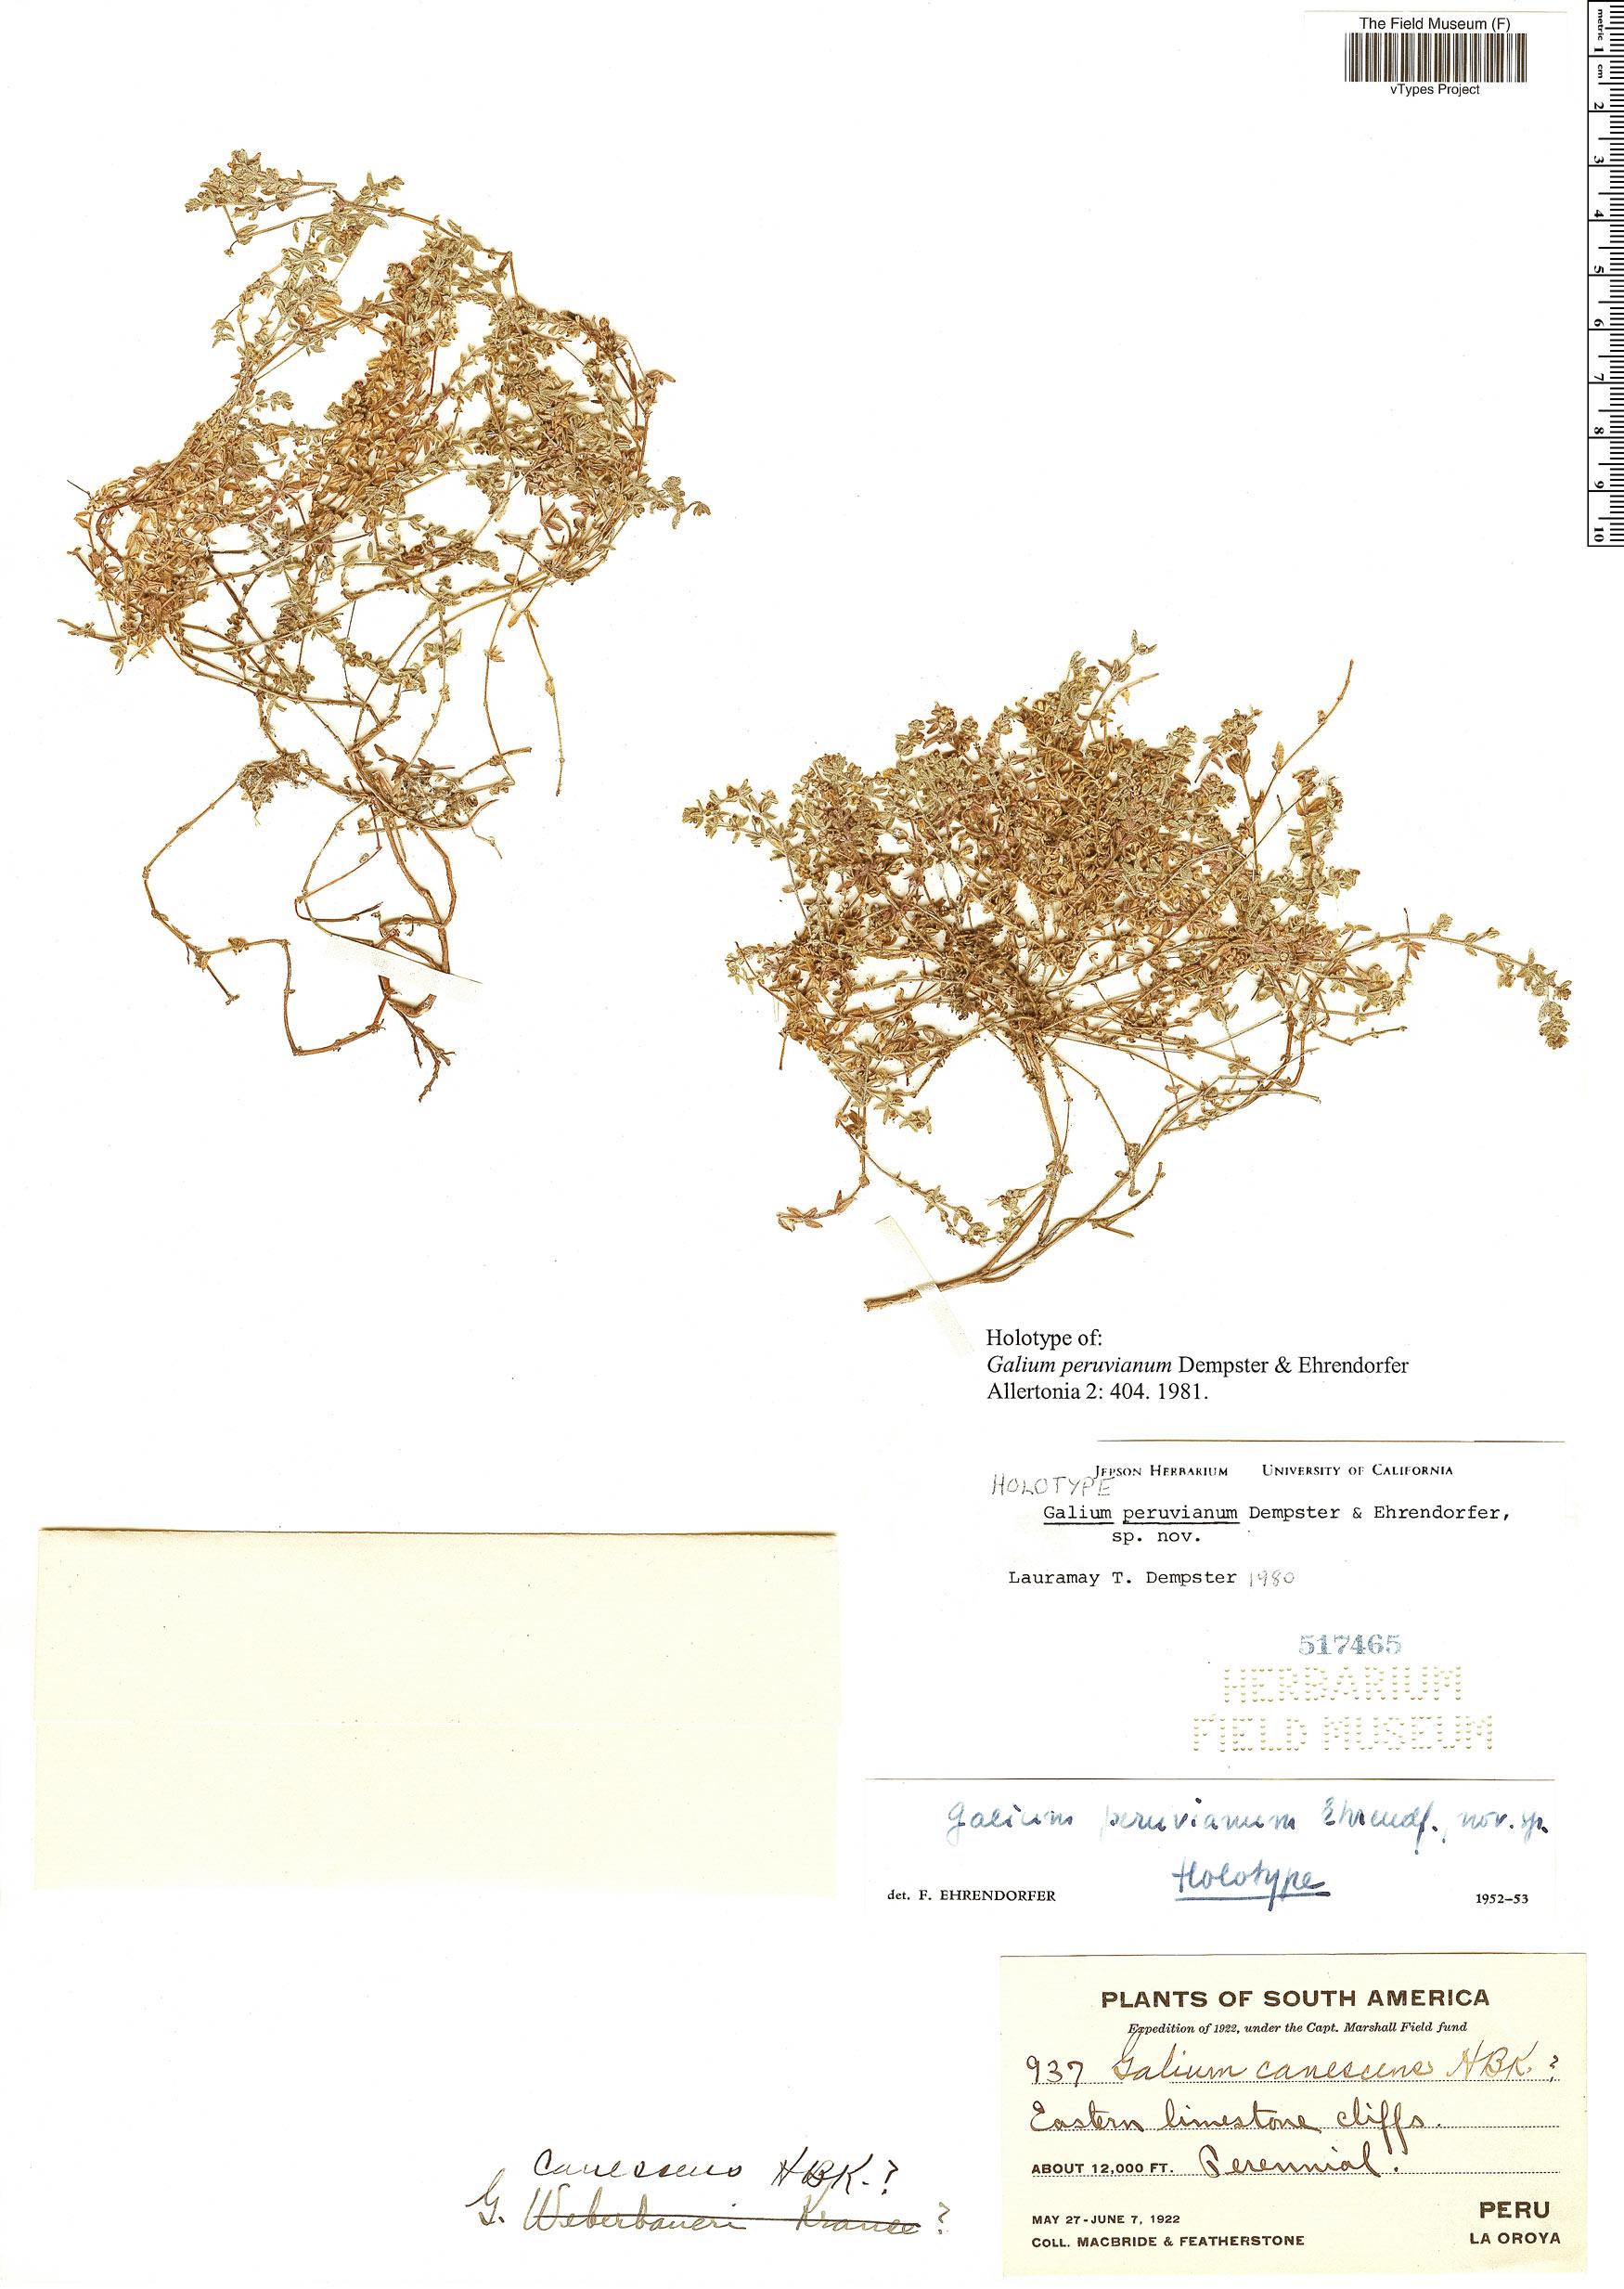 Specimen: Galium peruvianum